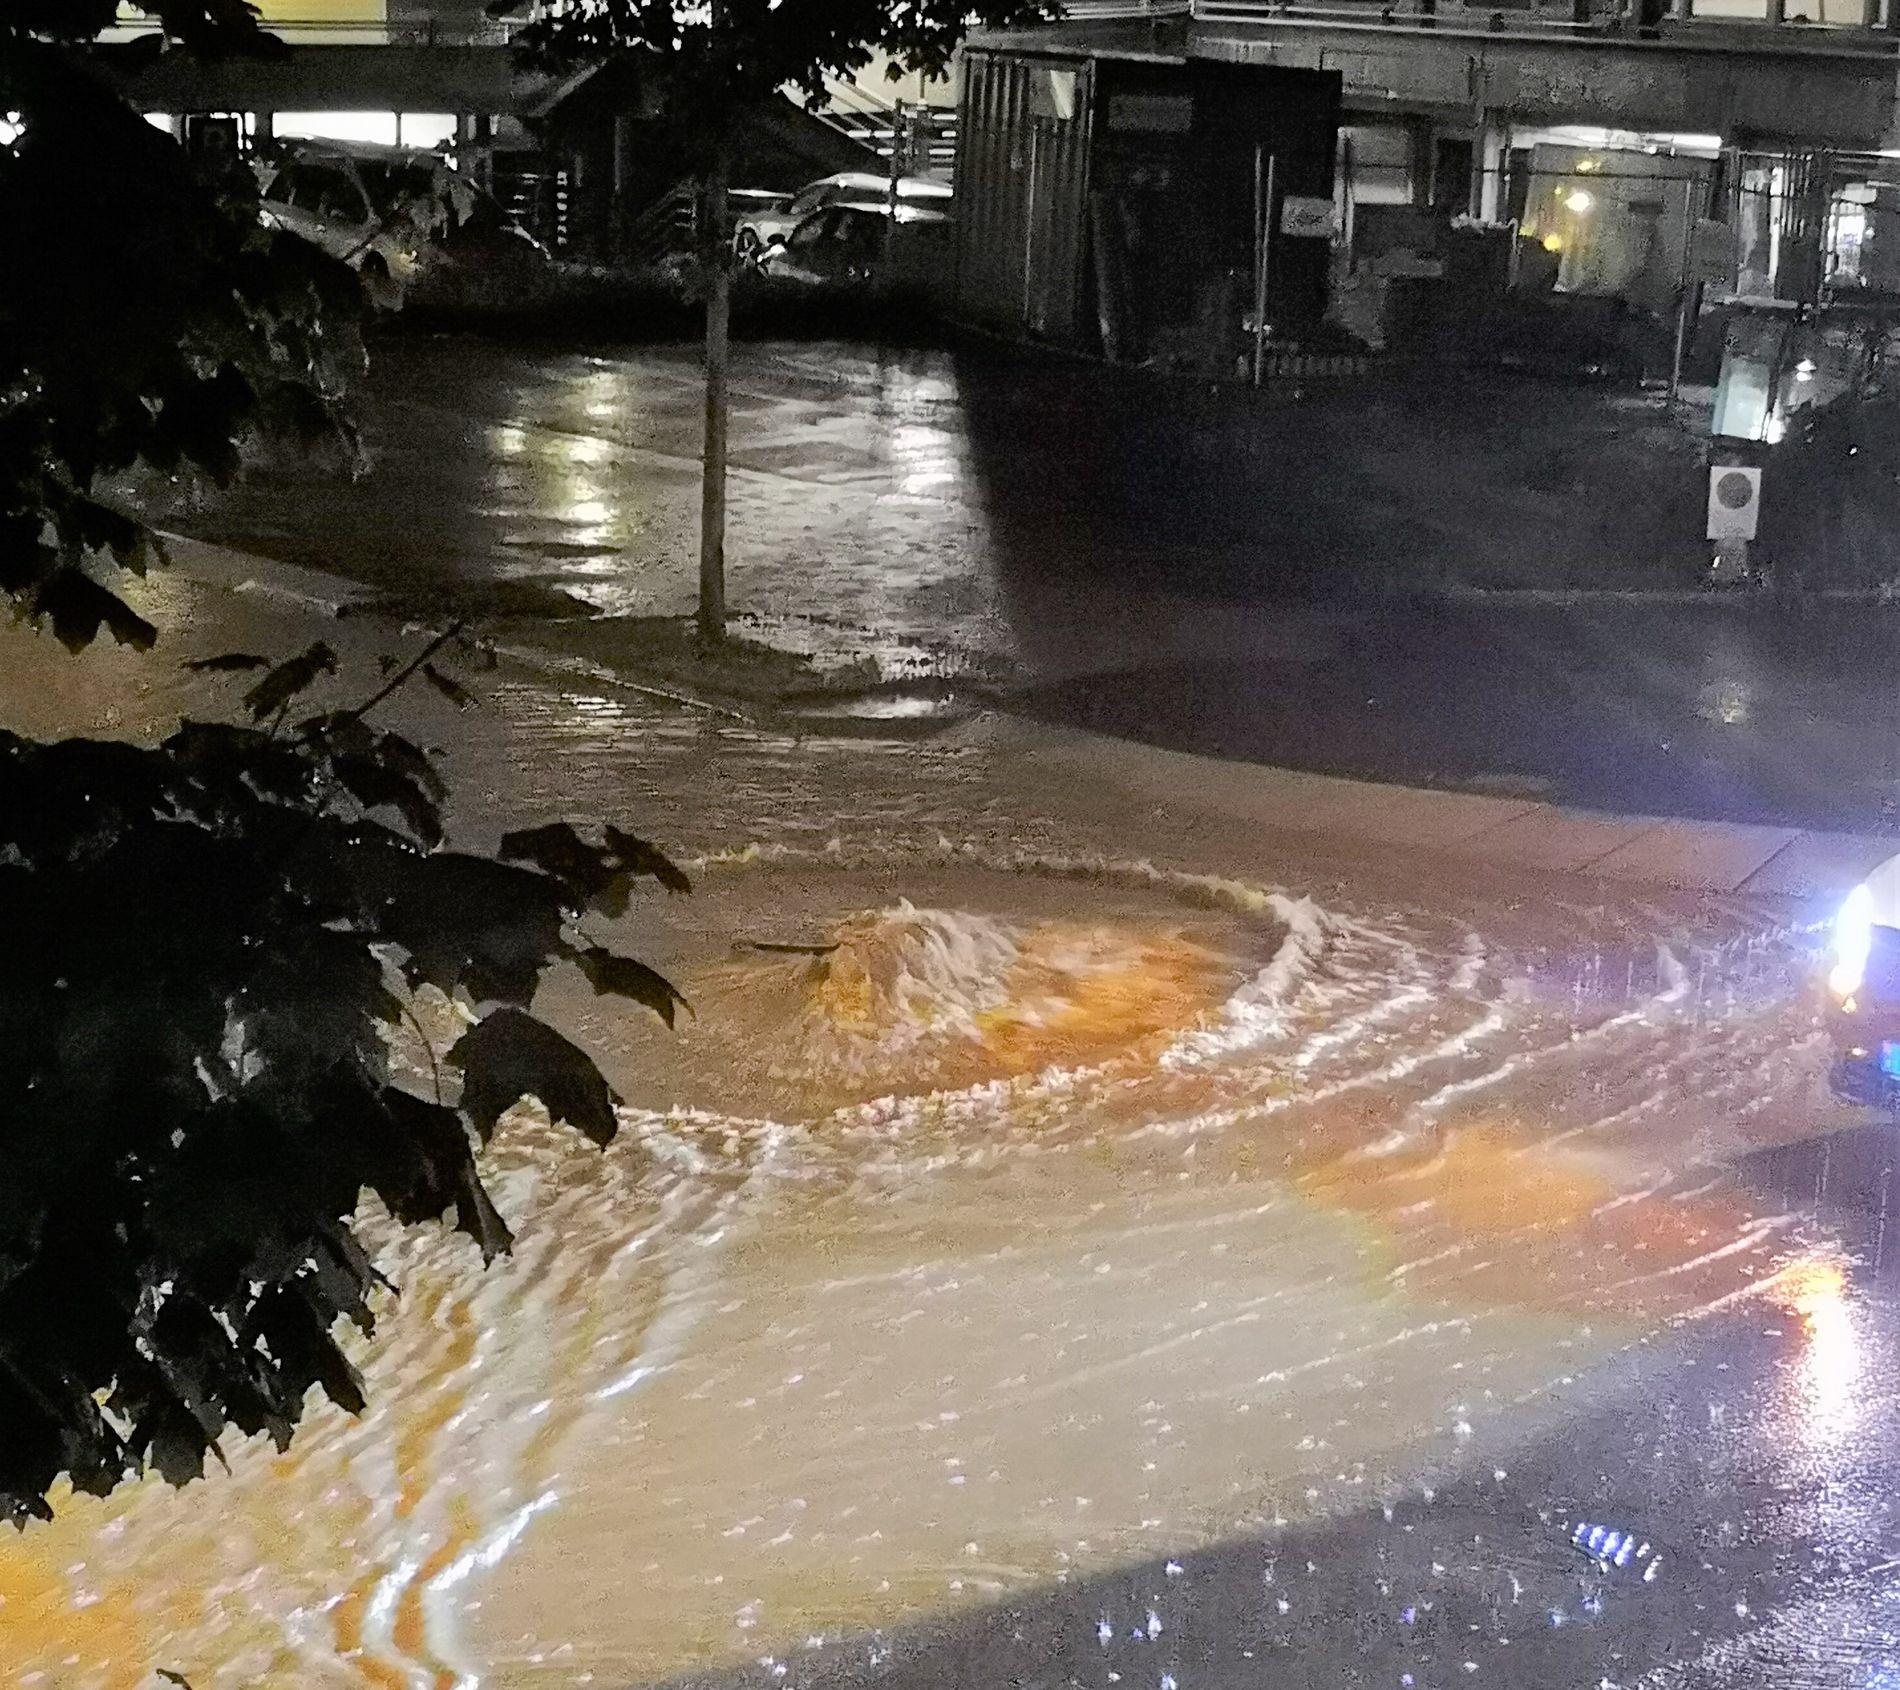 FOSSER UT: Vannet fosser ut fra et kumlokk midt i Brumunddal sentrum, i Ringsaker kommune, etter kraftig regnskyll.